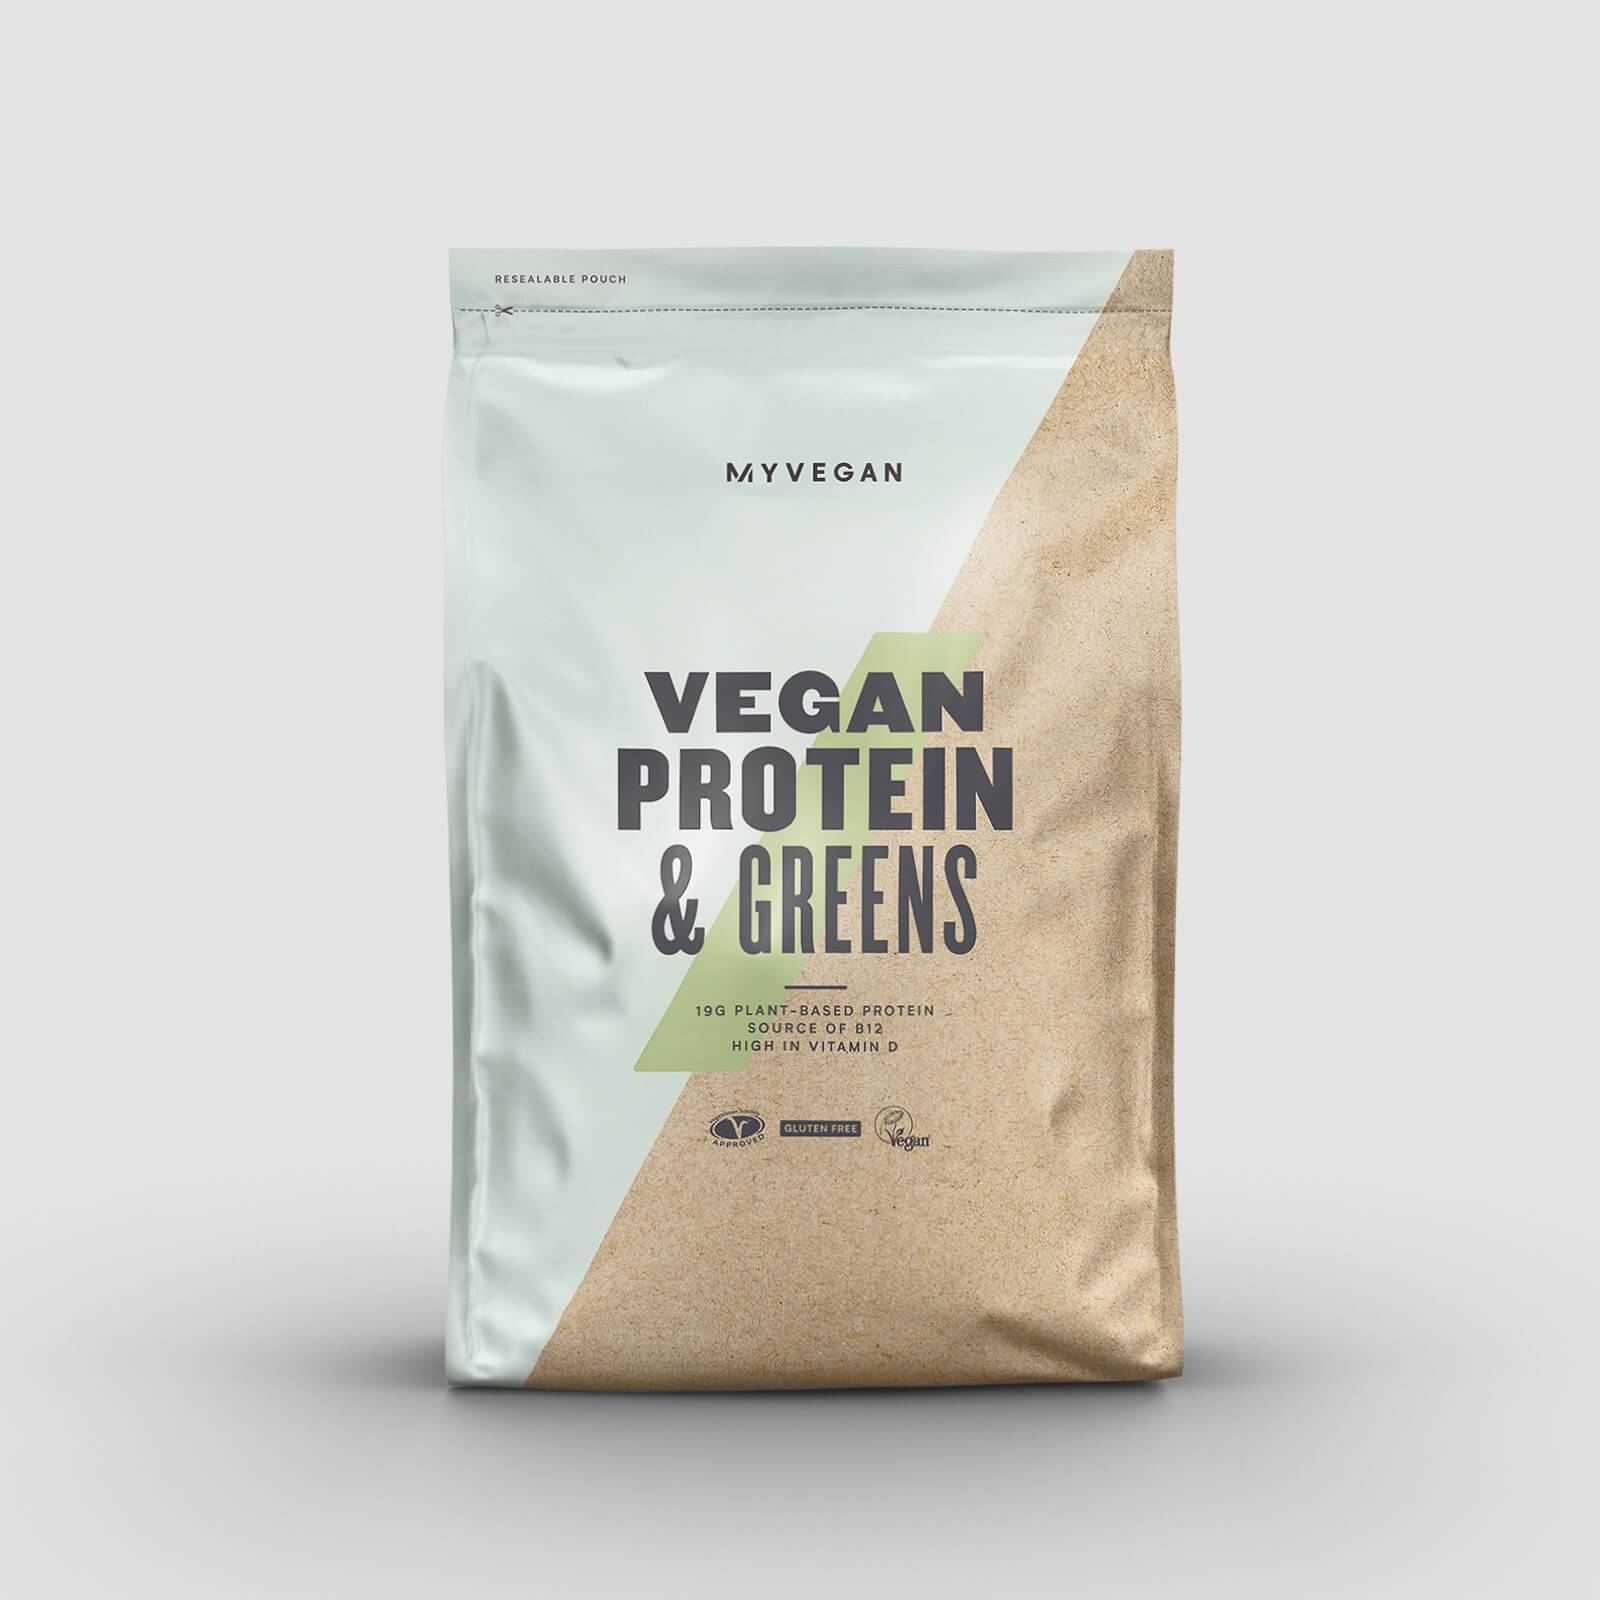 Myprotein Protéines végétaliennes et légumes verts - 1kg - Coconut & Lime